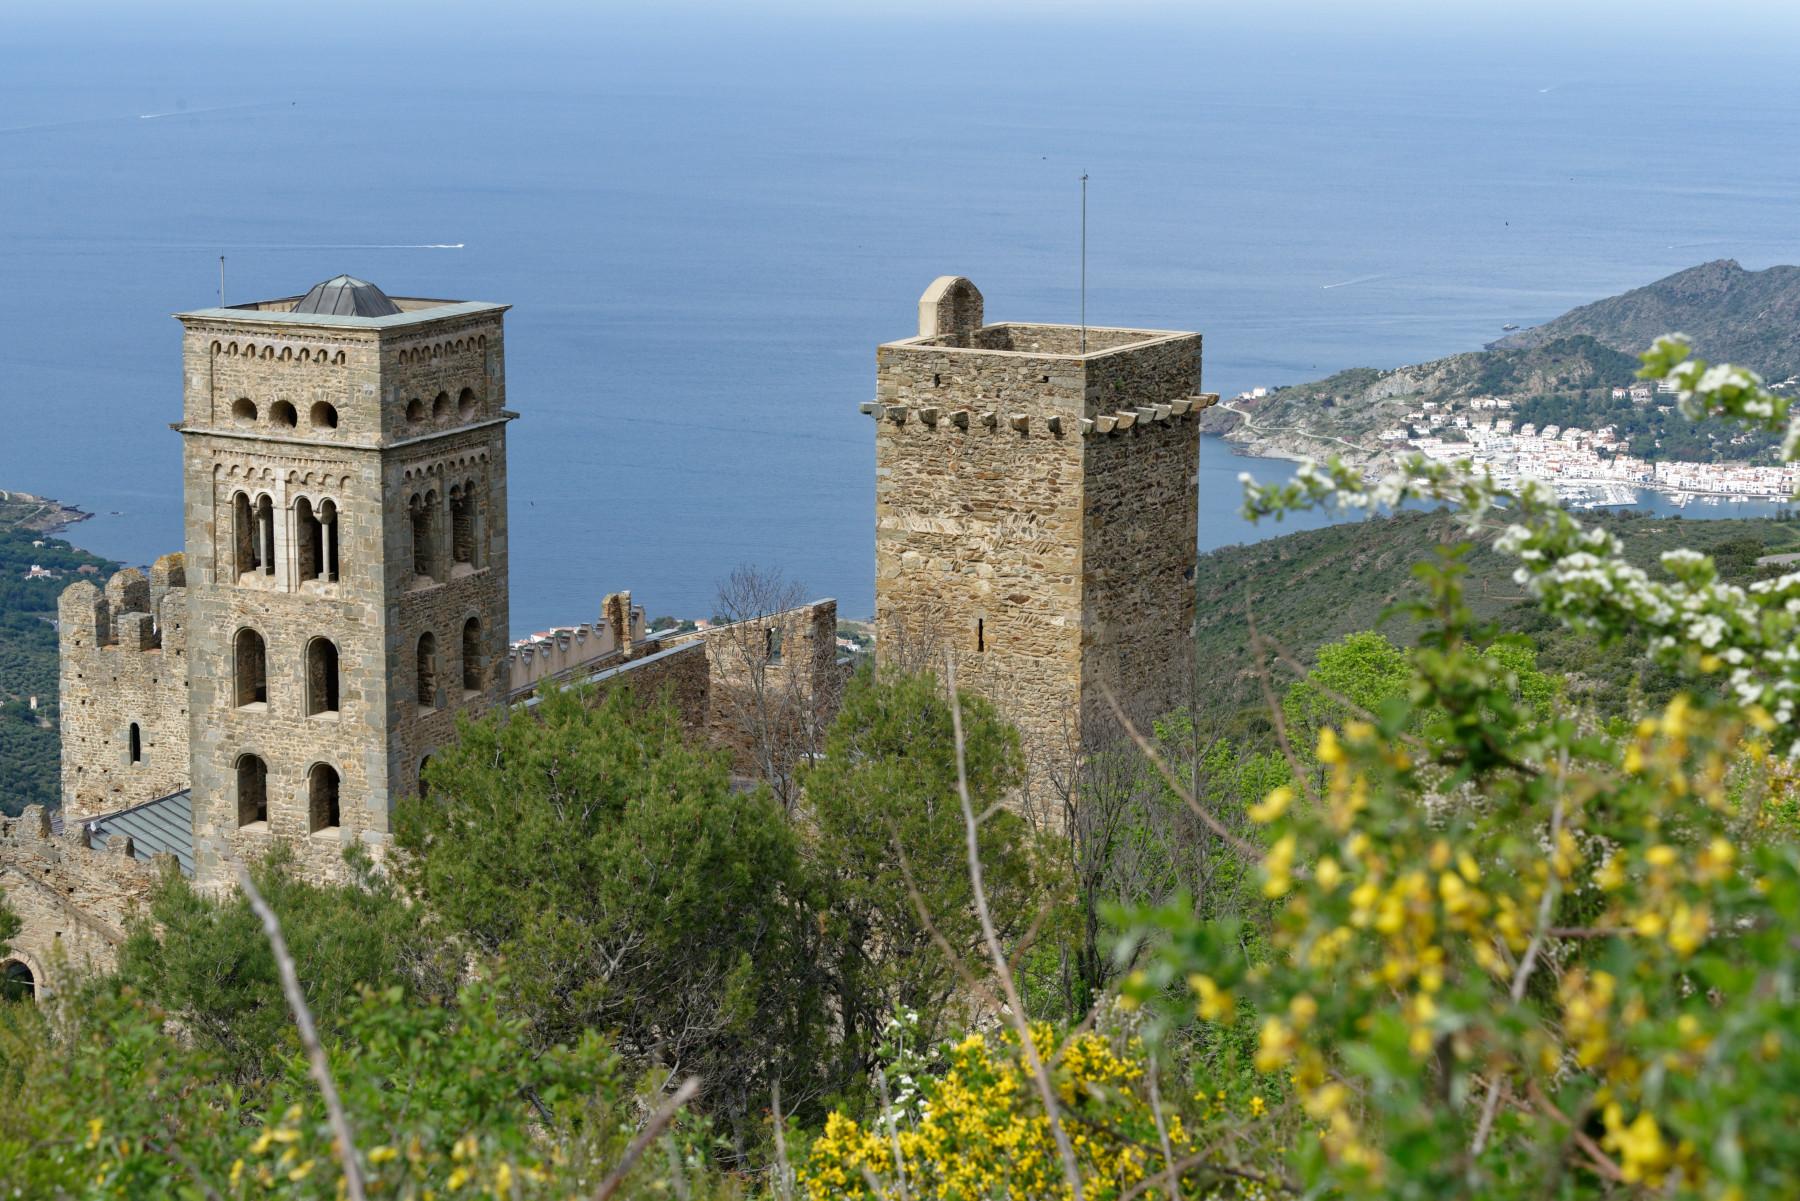 180430-3-Monestir de sant Pedre de Rodes (24) (Catalogne-Espagne)